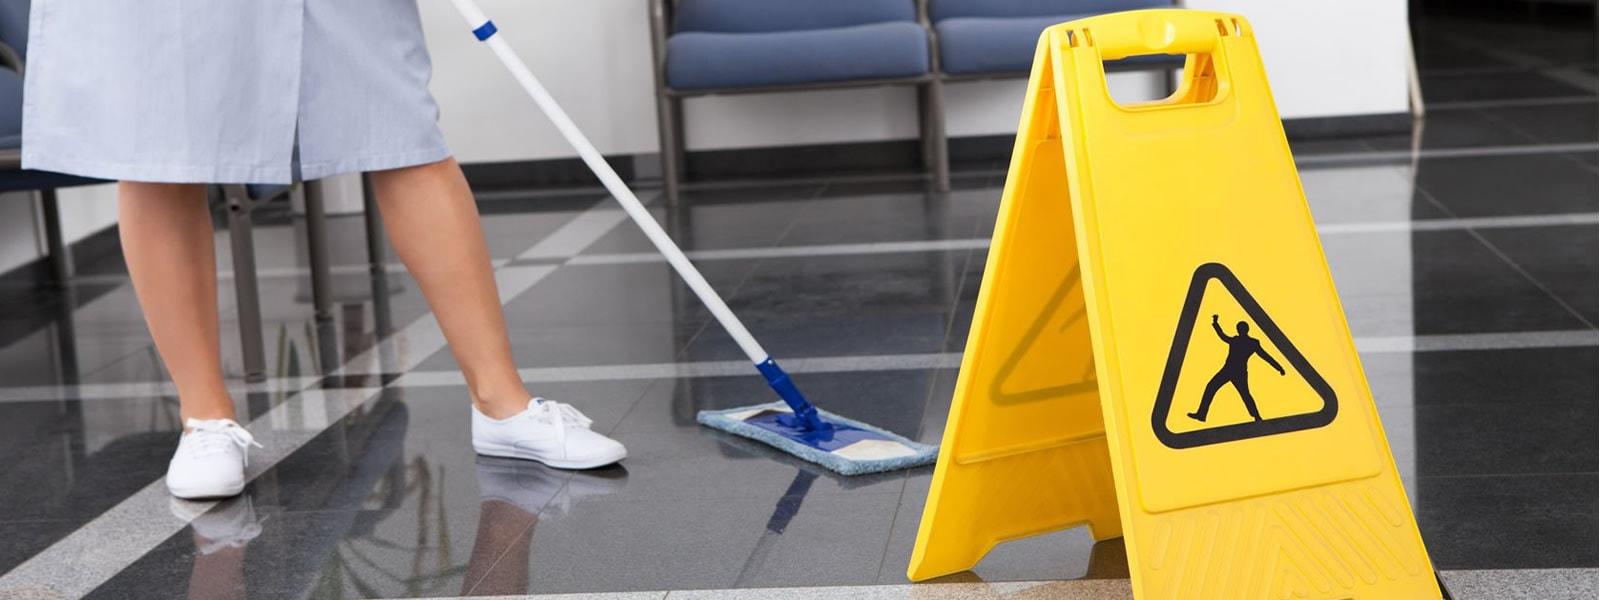 impresa pulizie a Roma